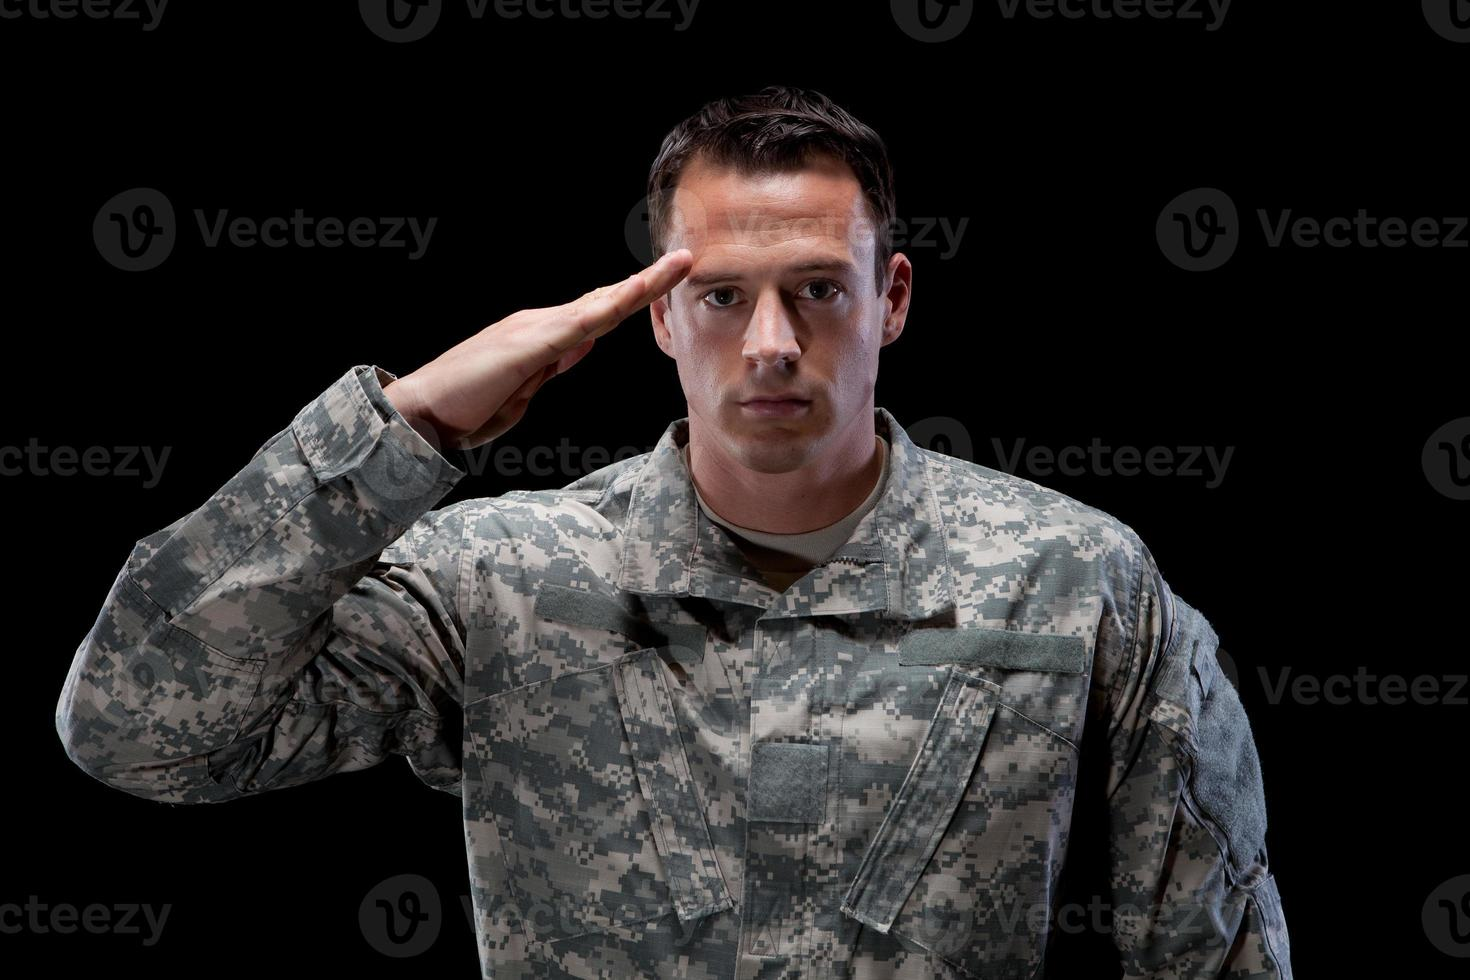 Caucasian soldier salutes photo